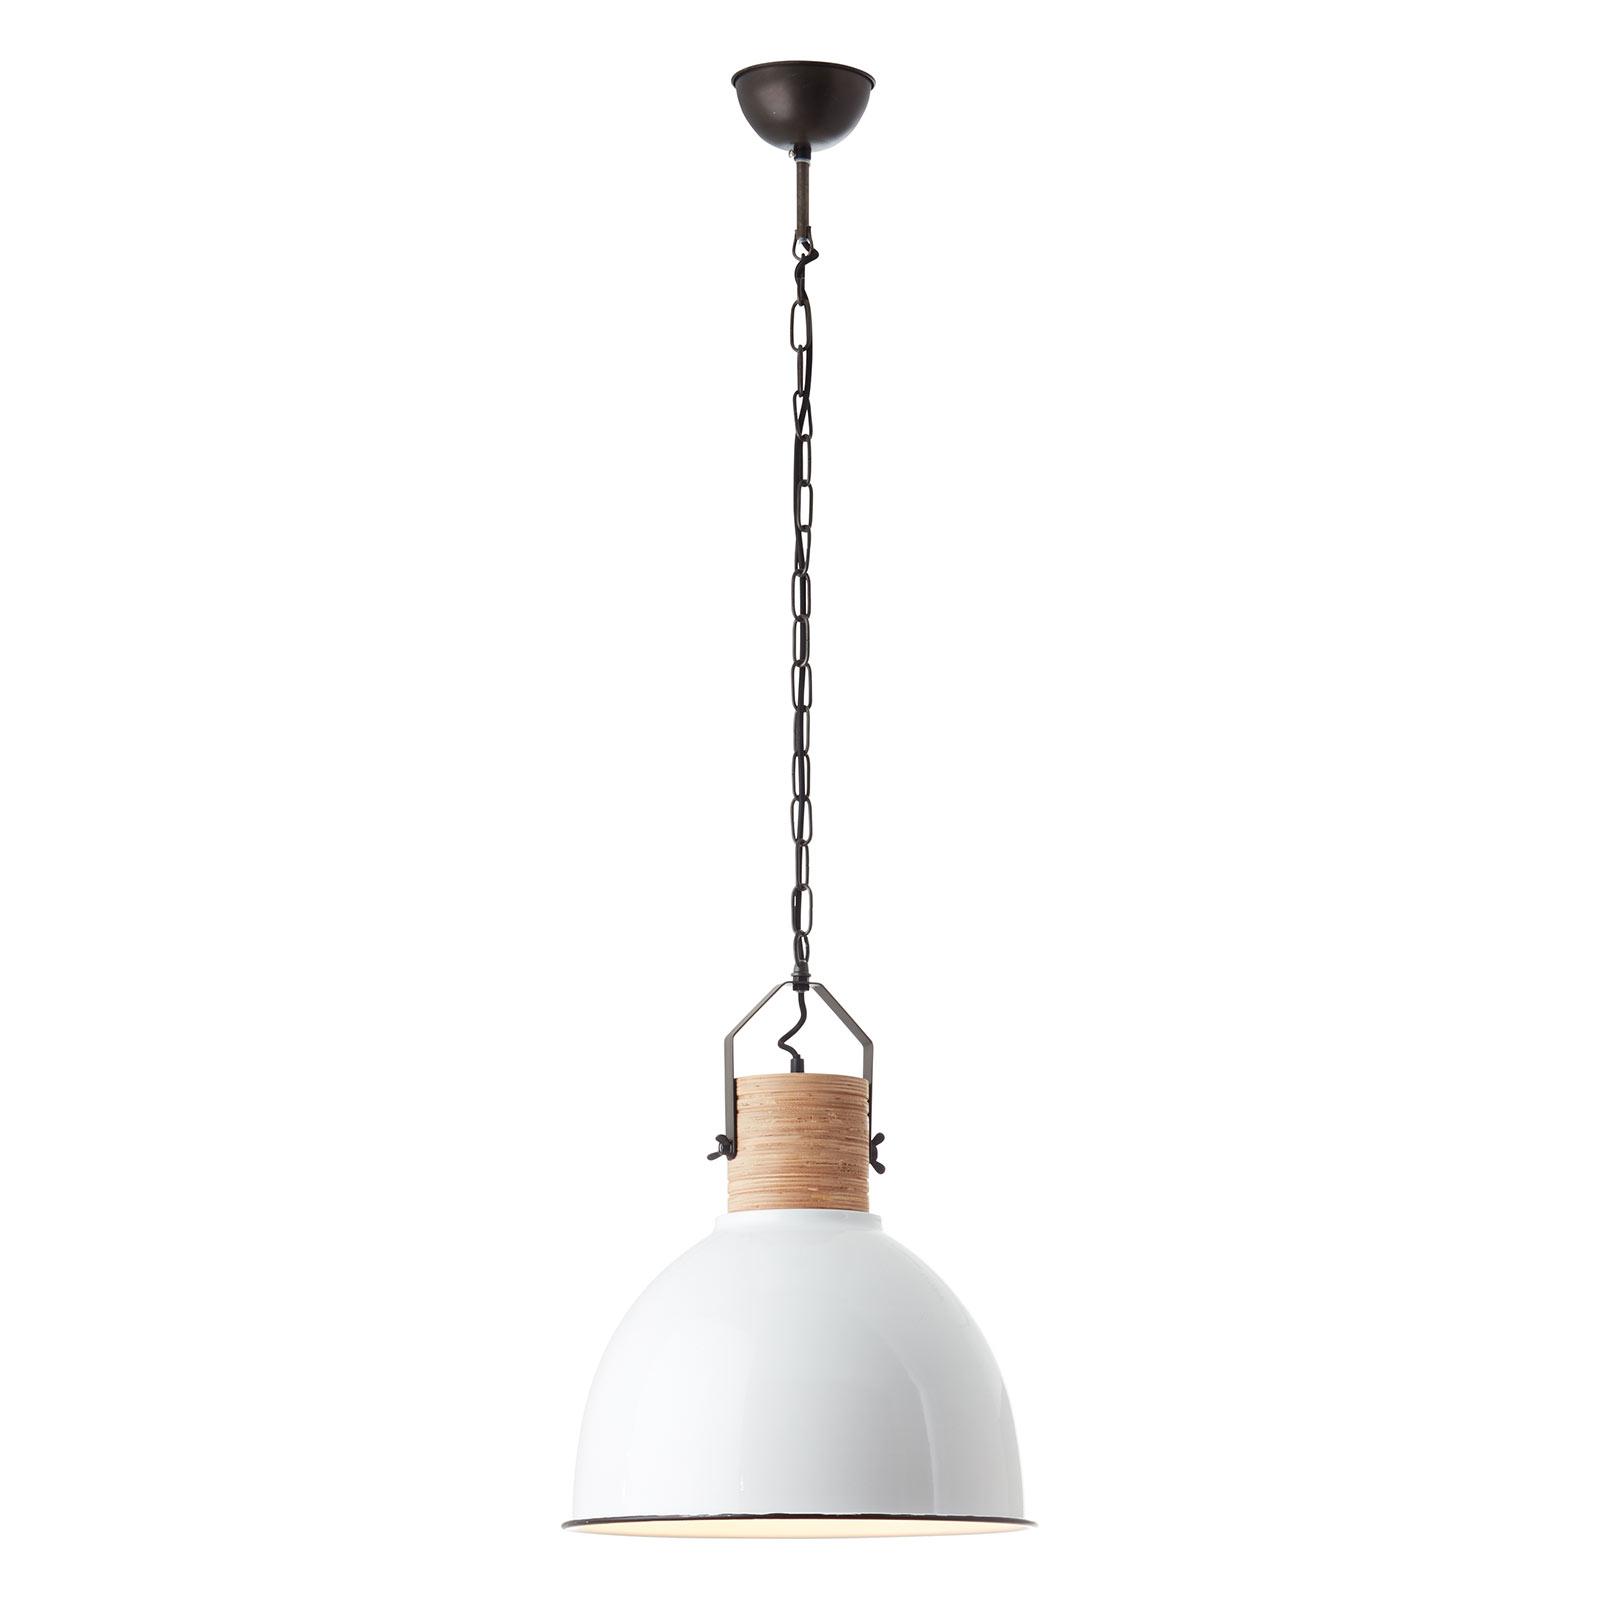 Hanglamp Barrow met houten fitting